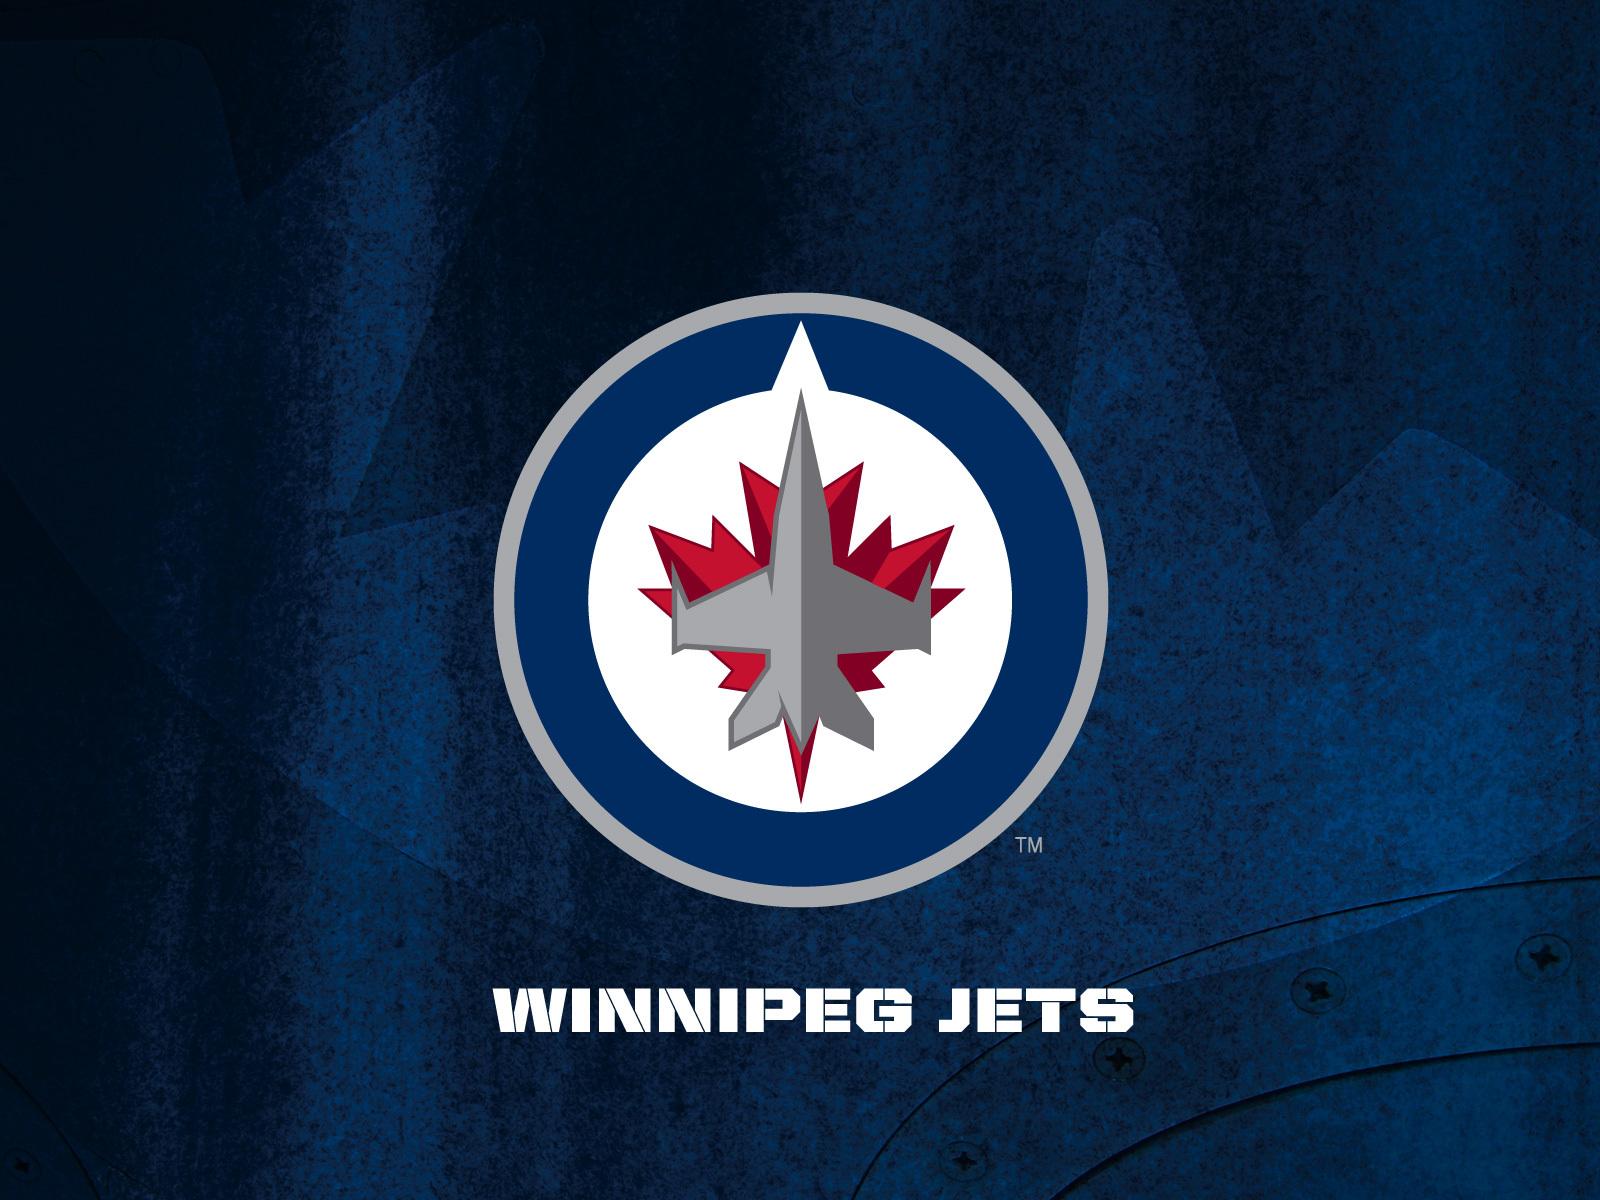 winnipeg jets jets desktop wallpapers winnipeg jets multimedia 1600x1200